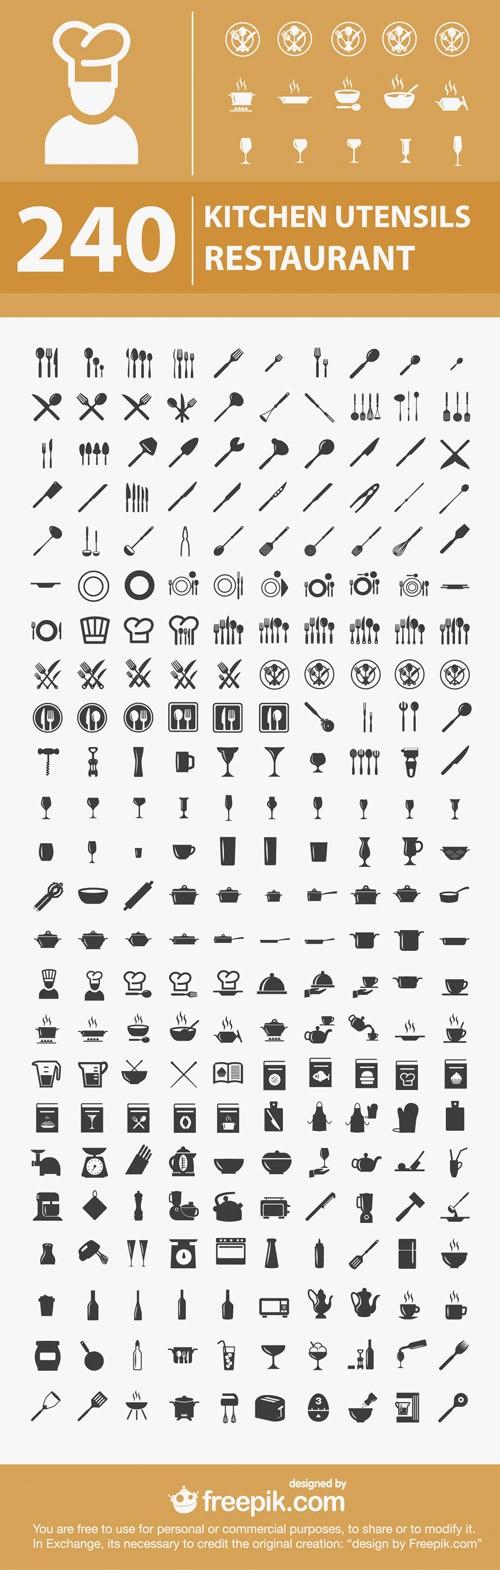 Kitchen-restaurant-utensils1